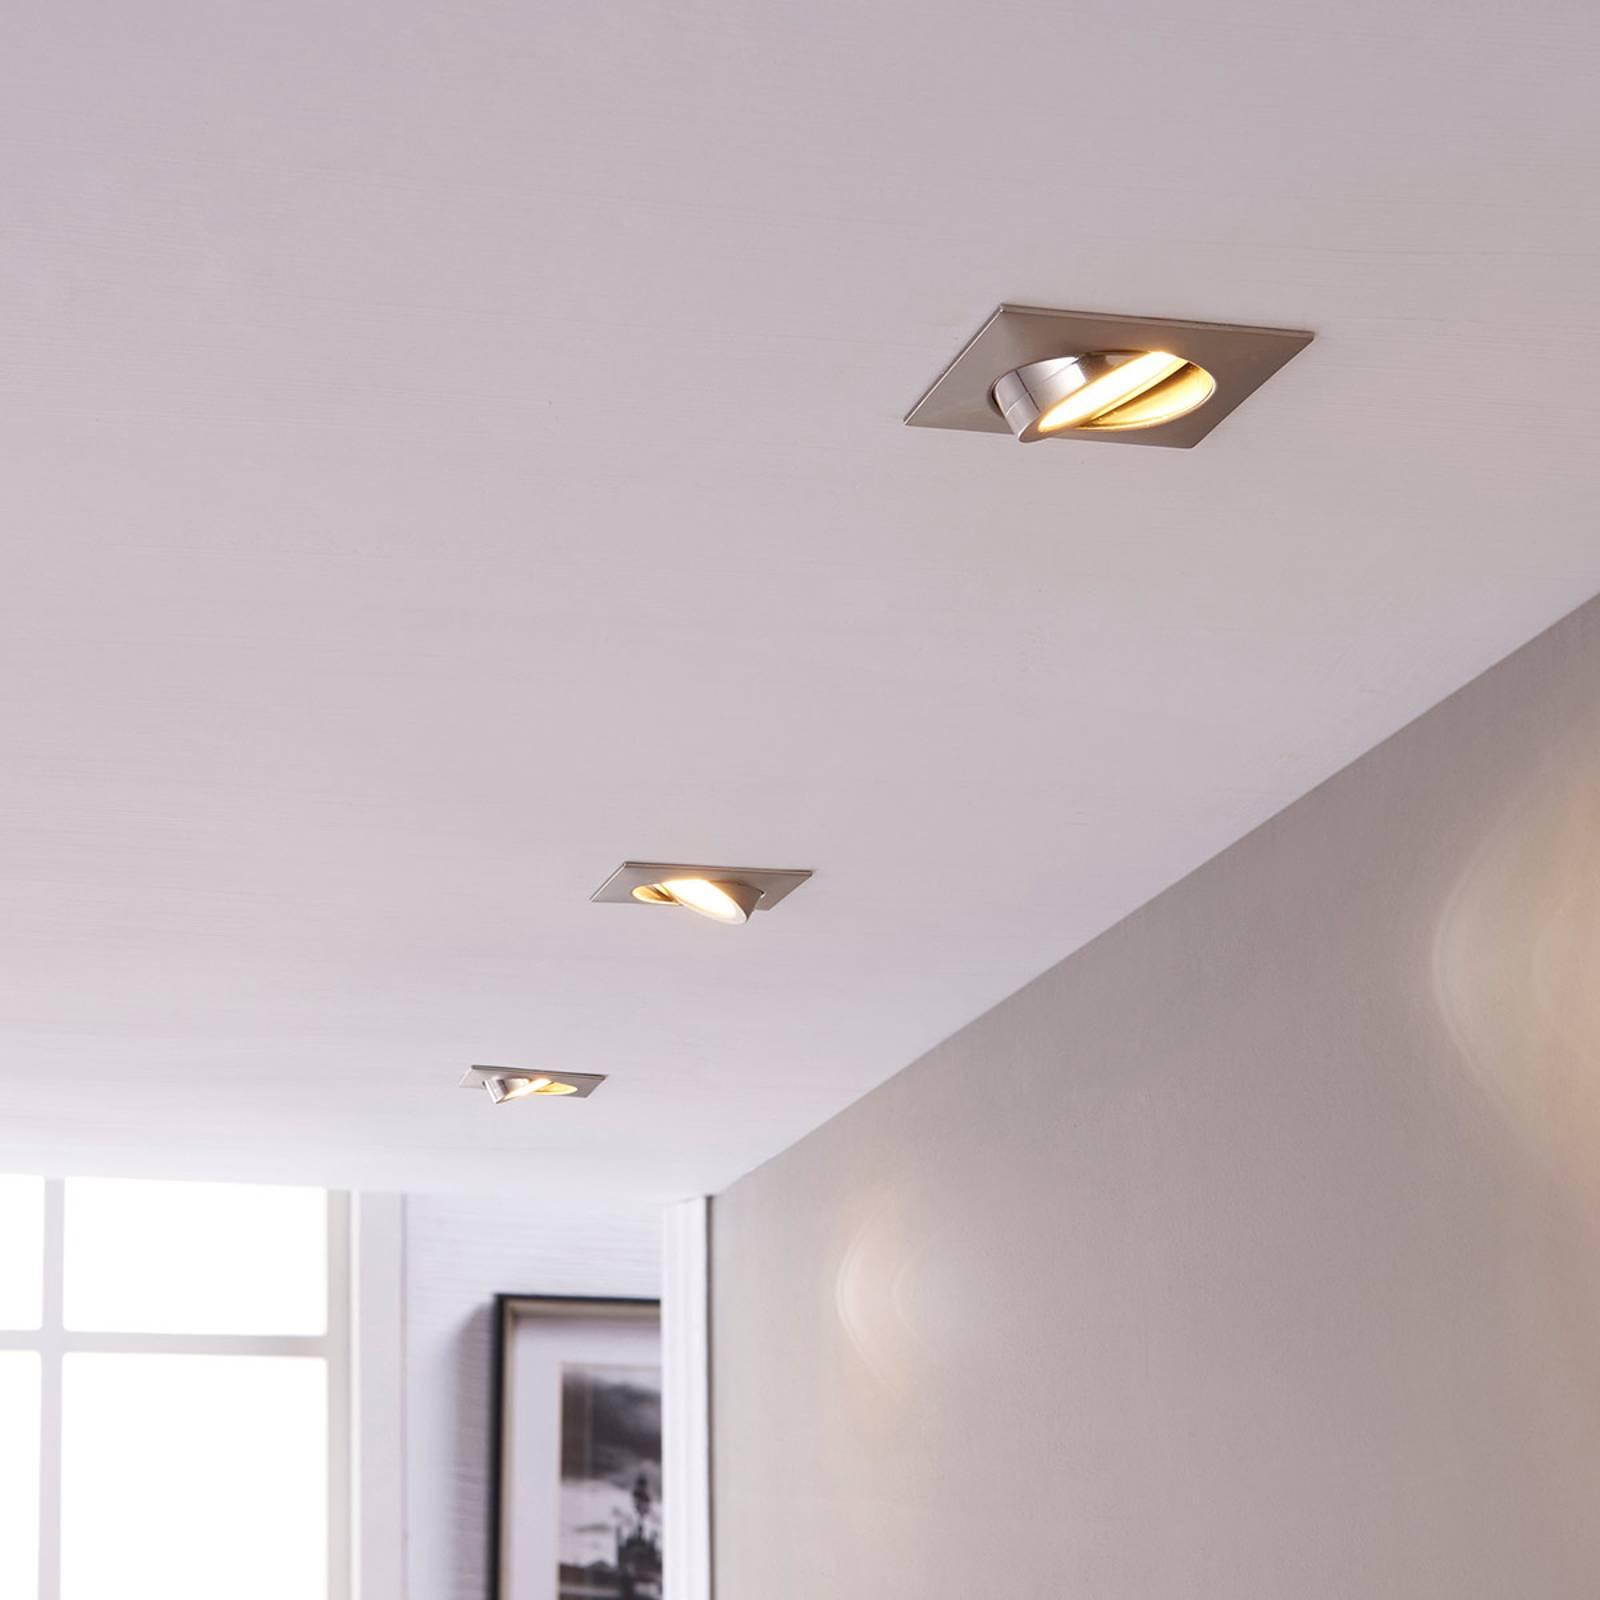 LED inbouwspot Andrej, hoekig, nikkel, 3set